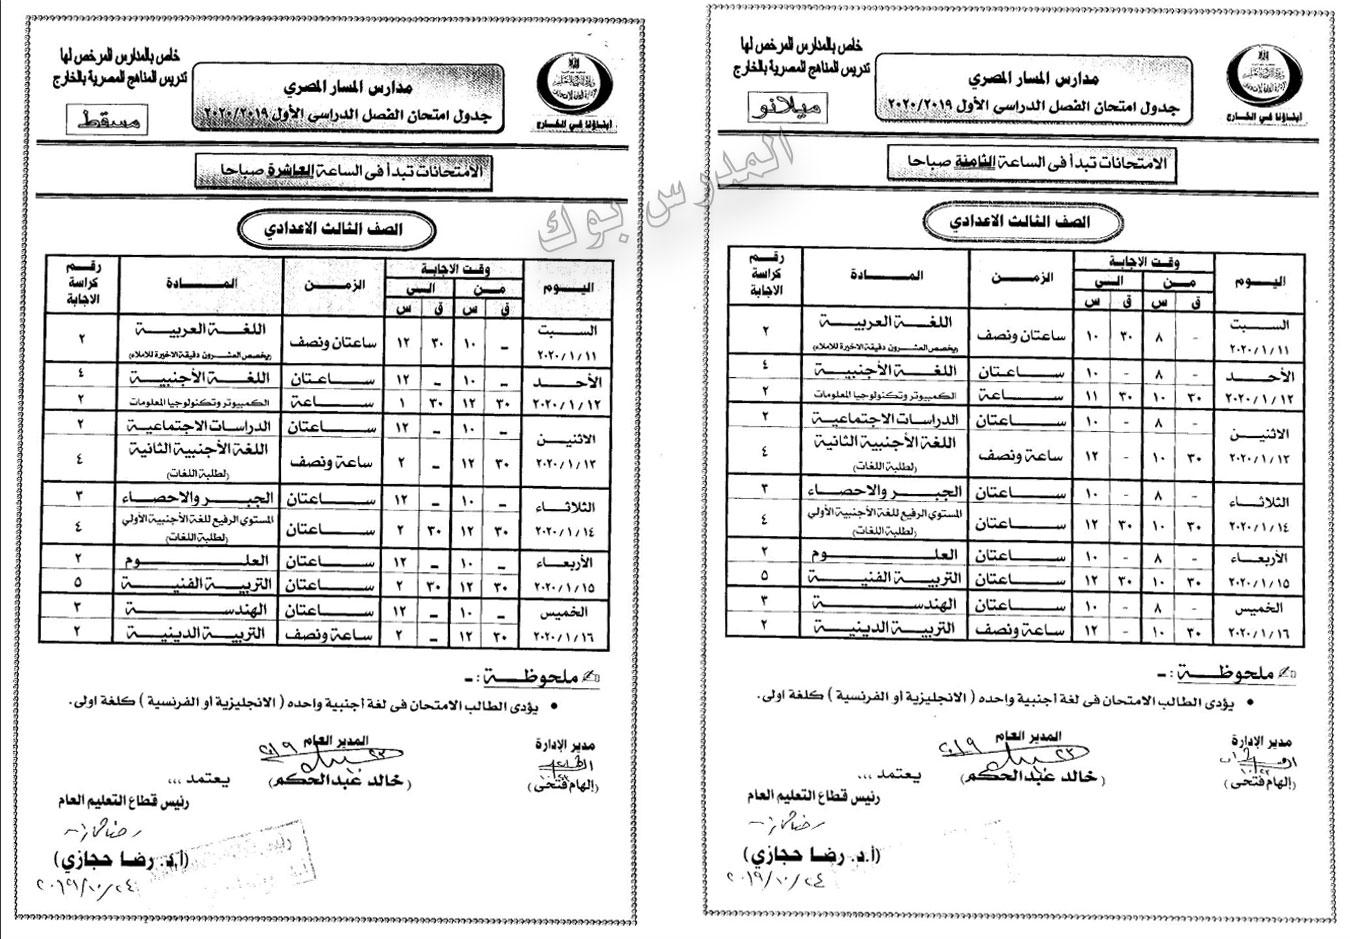 جدول امتحانات مدارس المسار المصري 2020 الرياض - جدة - الدوحة